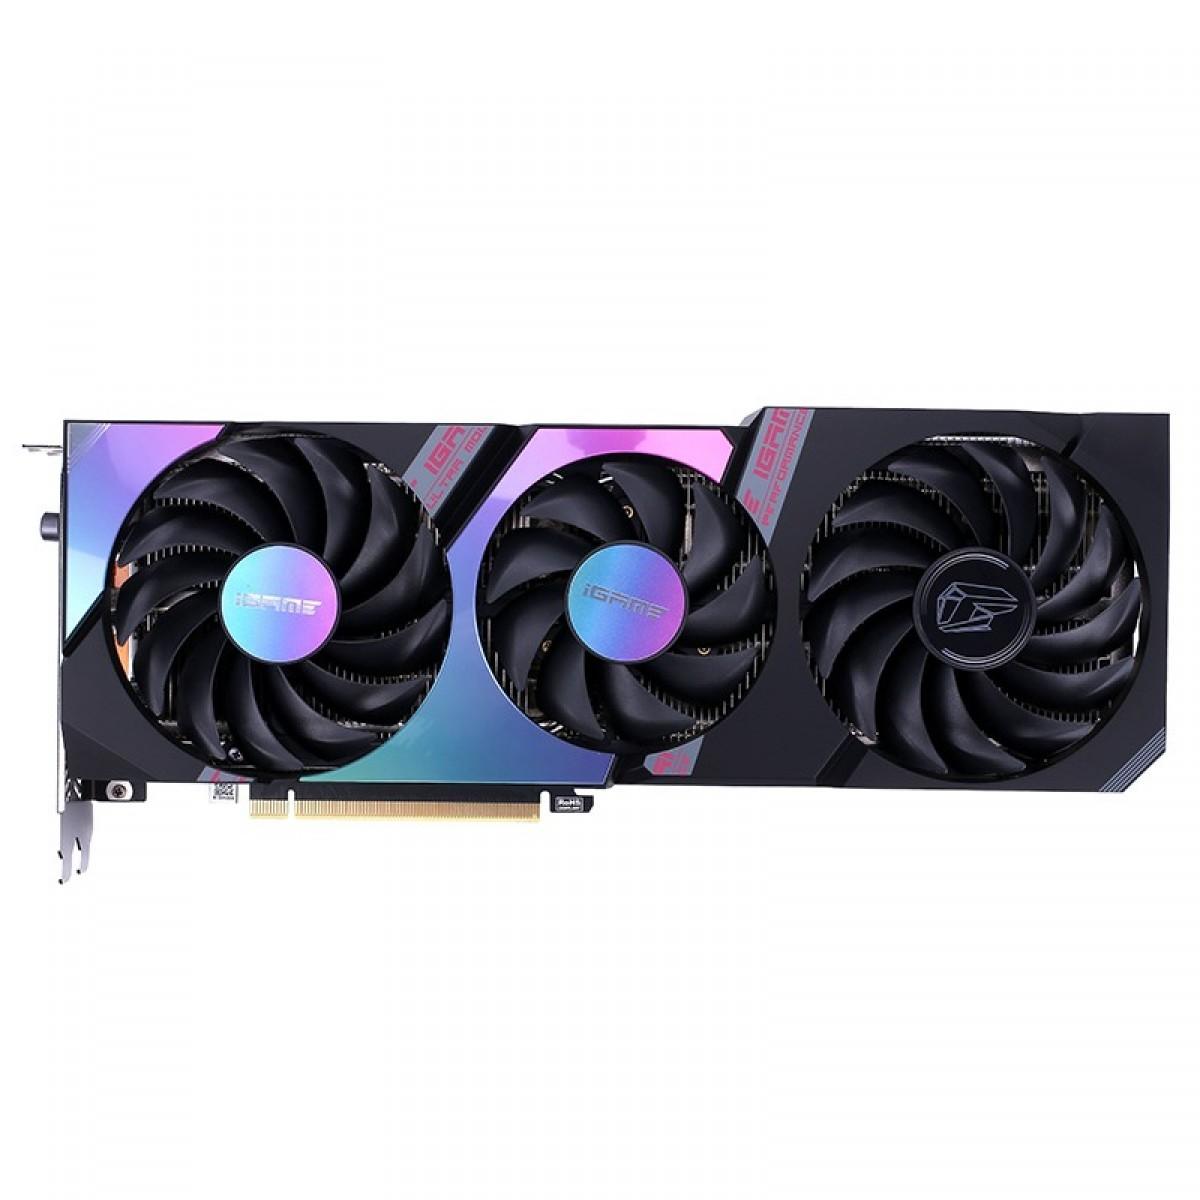 Placa de Vídeo Colorful, GeForce, iGame RTX 3070 Ultra OC-V, 8GB, GDDR6, 256Bit